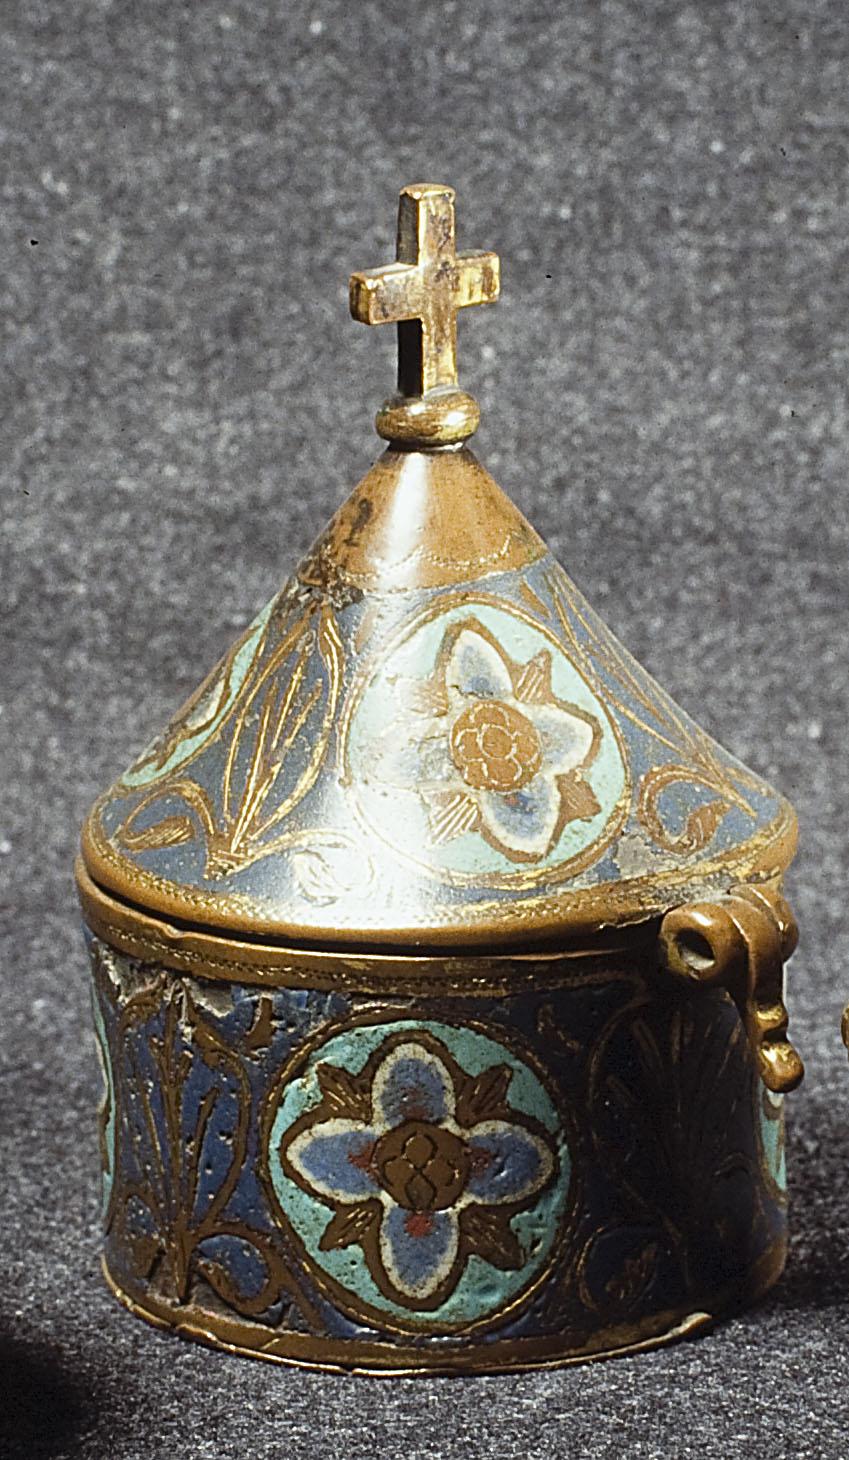 Anònim - Pixis - Llemotges, segle XIII